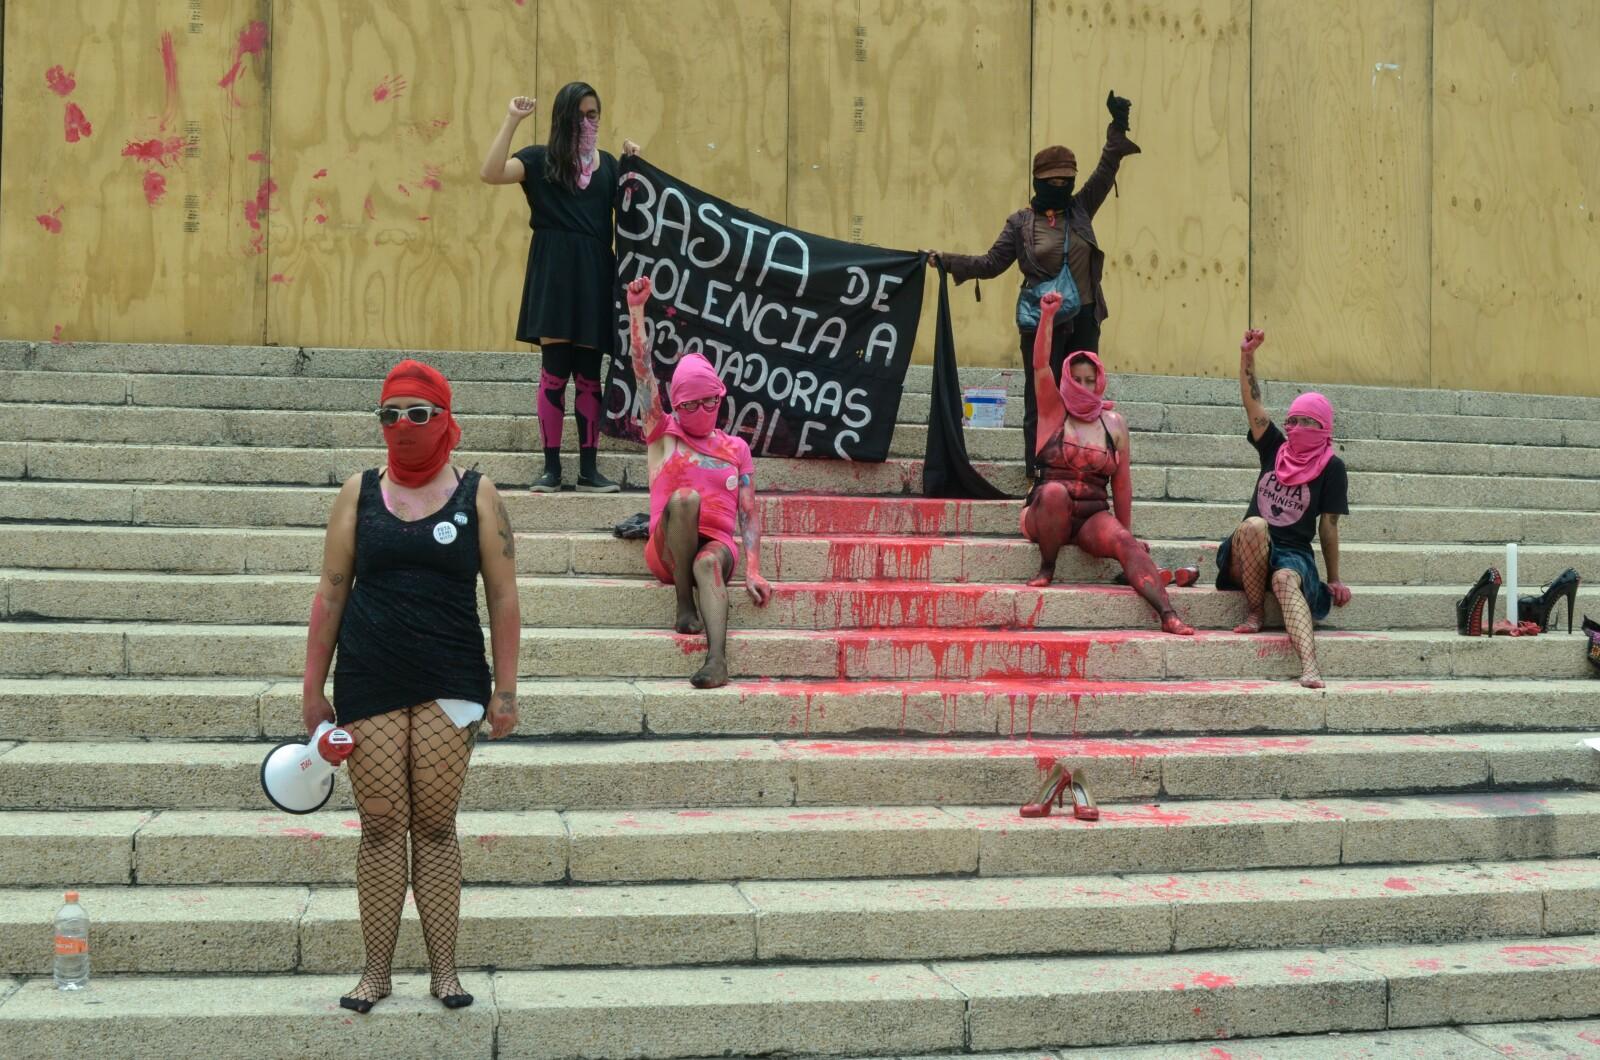 #EnFotos | La protesta contra la violencia hacia las trabajadoras sexuales